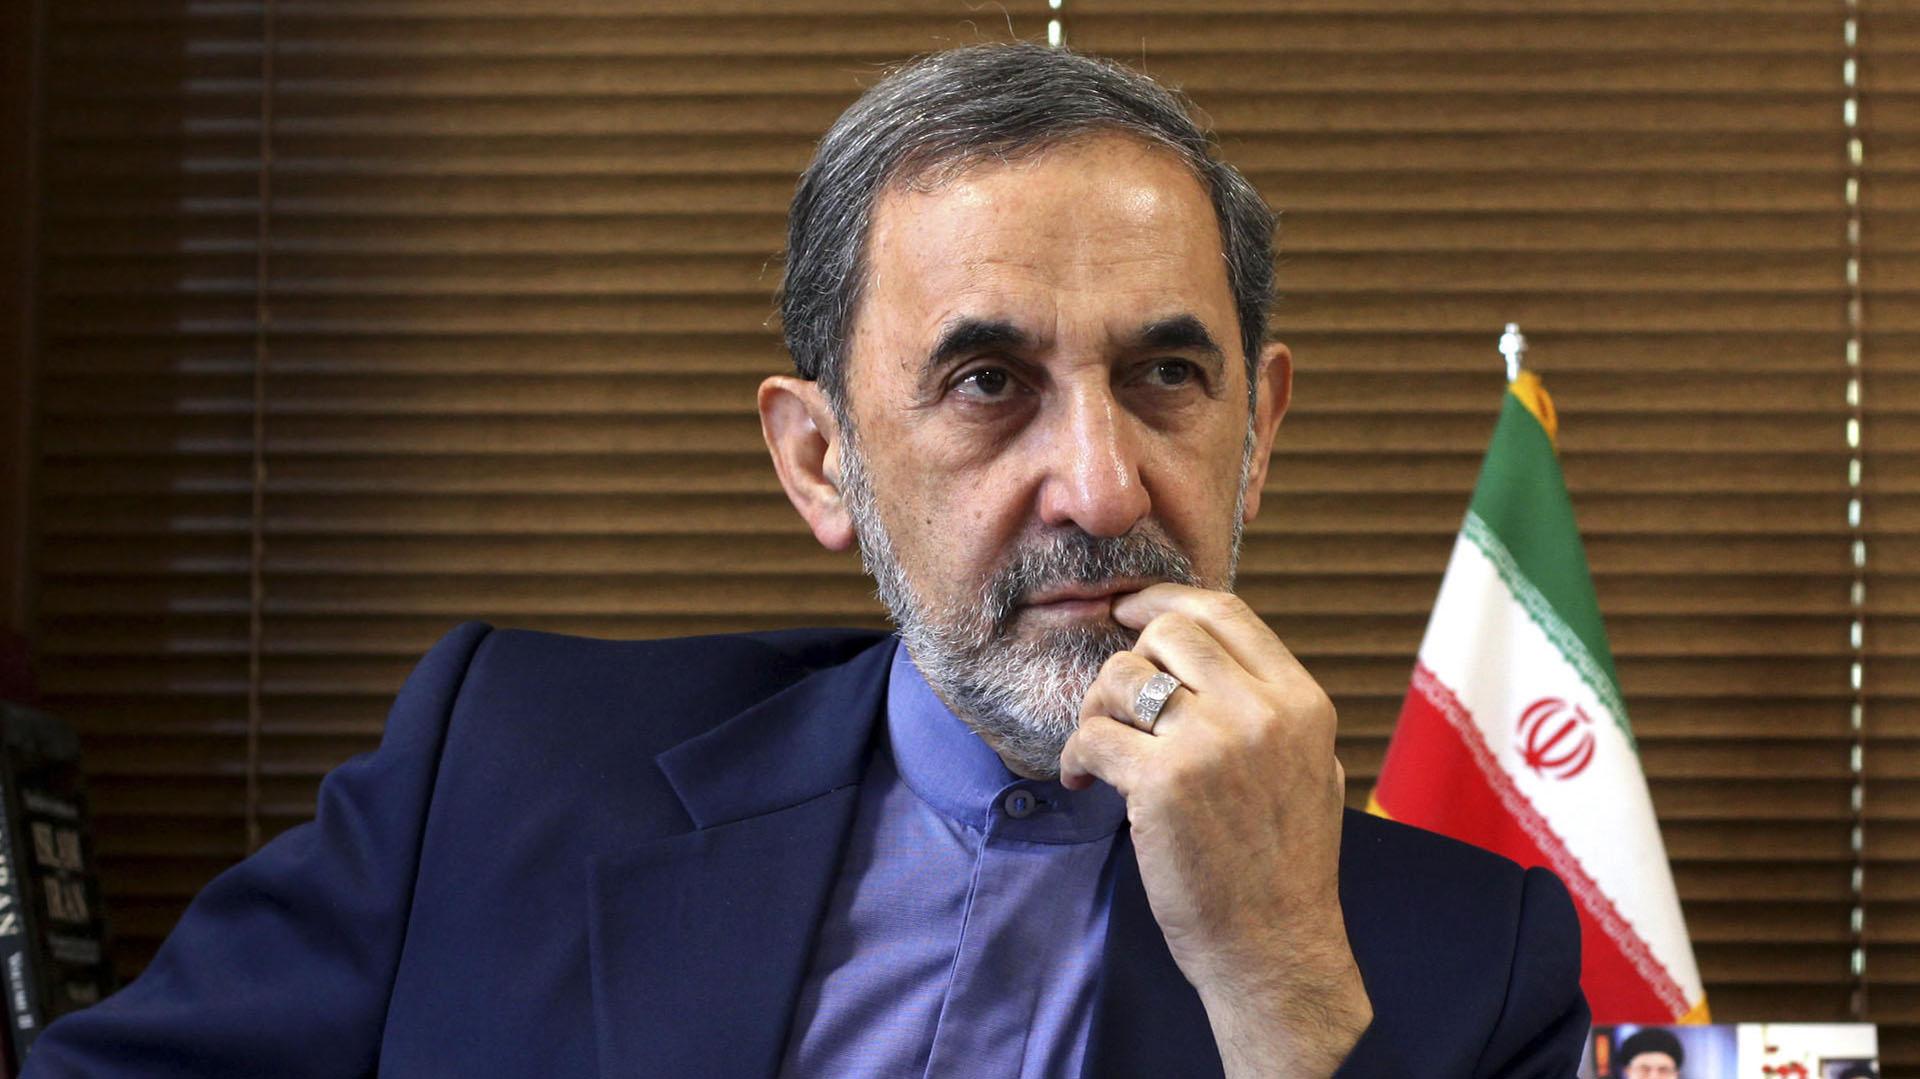 Ali Akbar Velayati es consejero en política internacional del jefe del estado iraní, el ayatolá Ali Jamenei